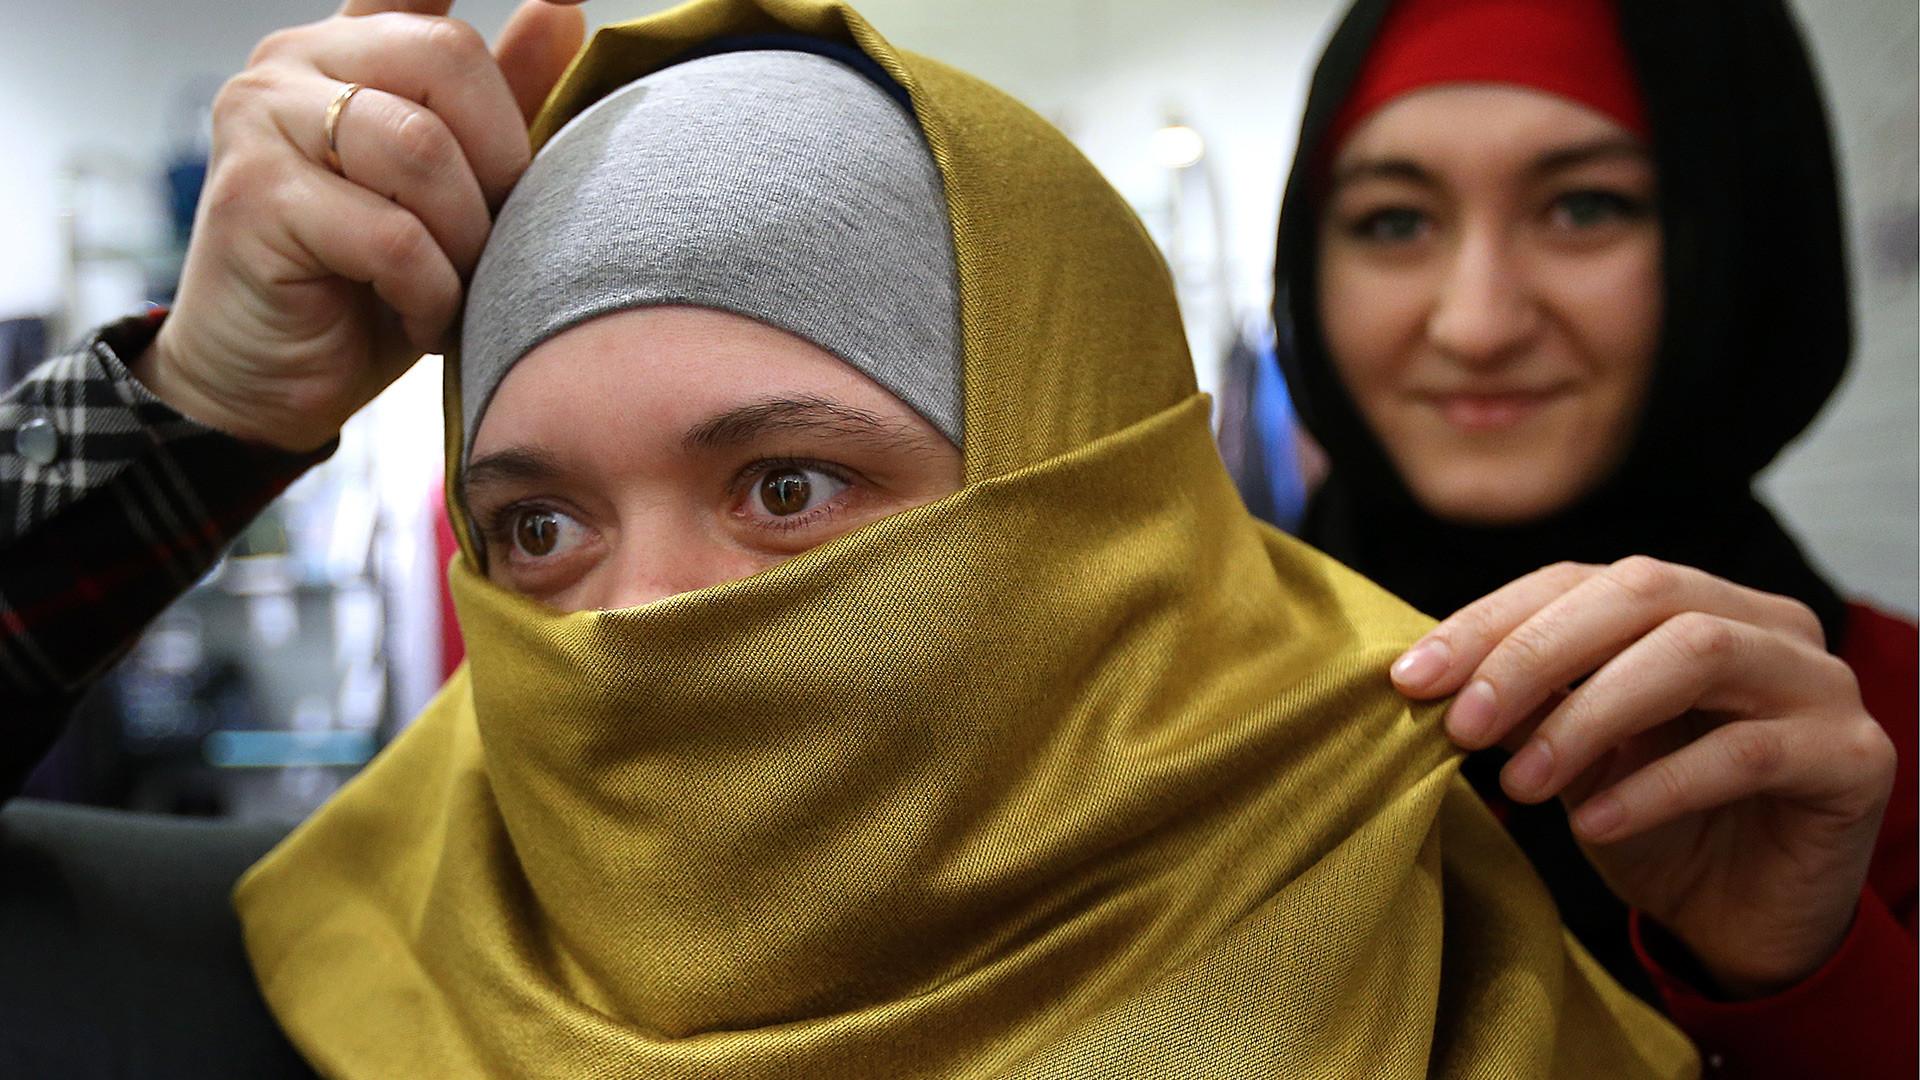 """Куповина хиџаба у продавници муслиманске одеће """"Ирада"""" у тржном центру """"Наутилус""""."""